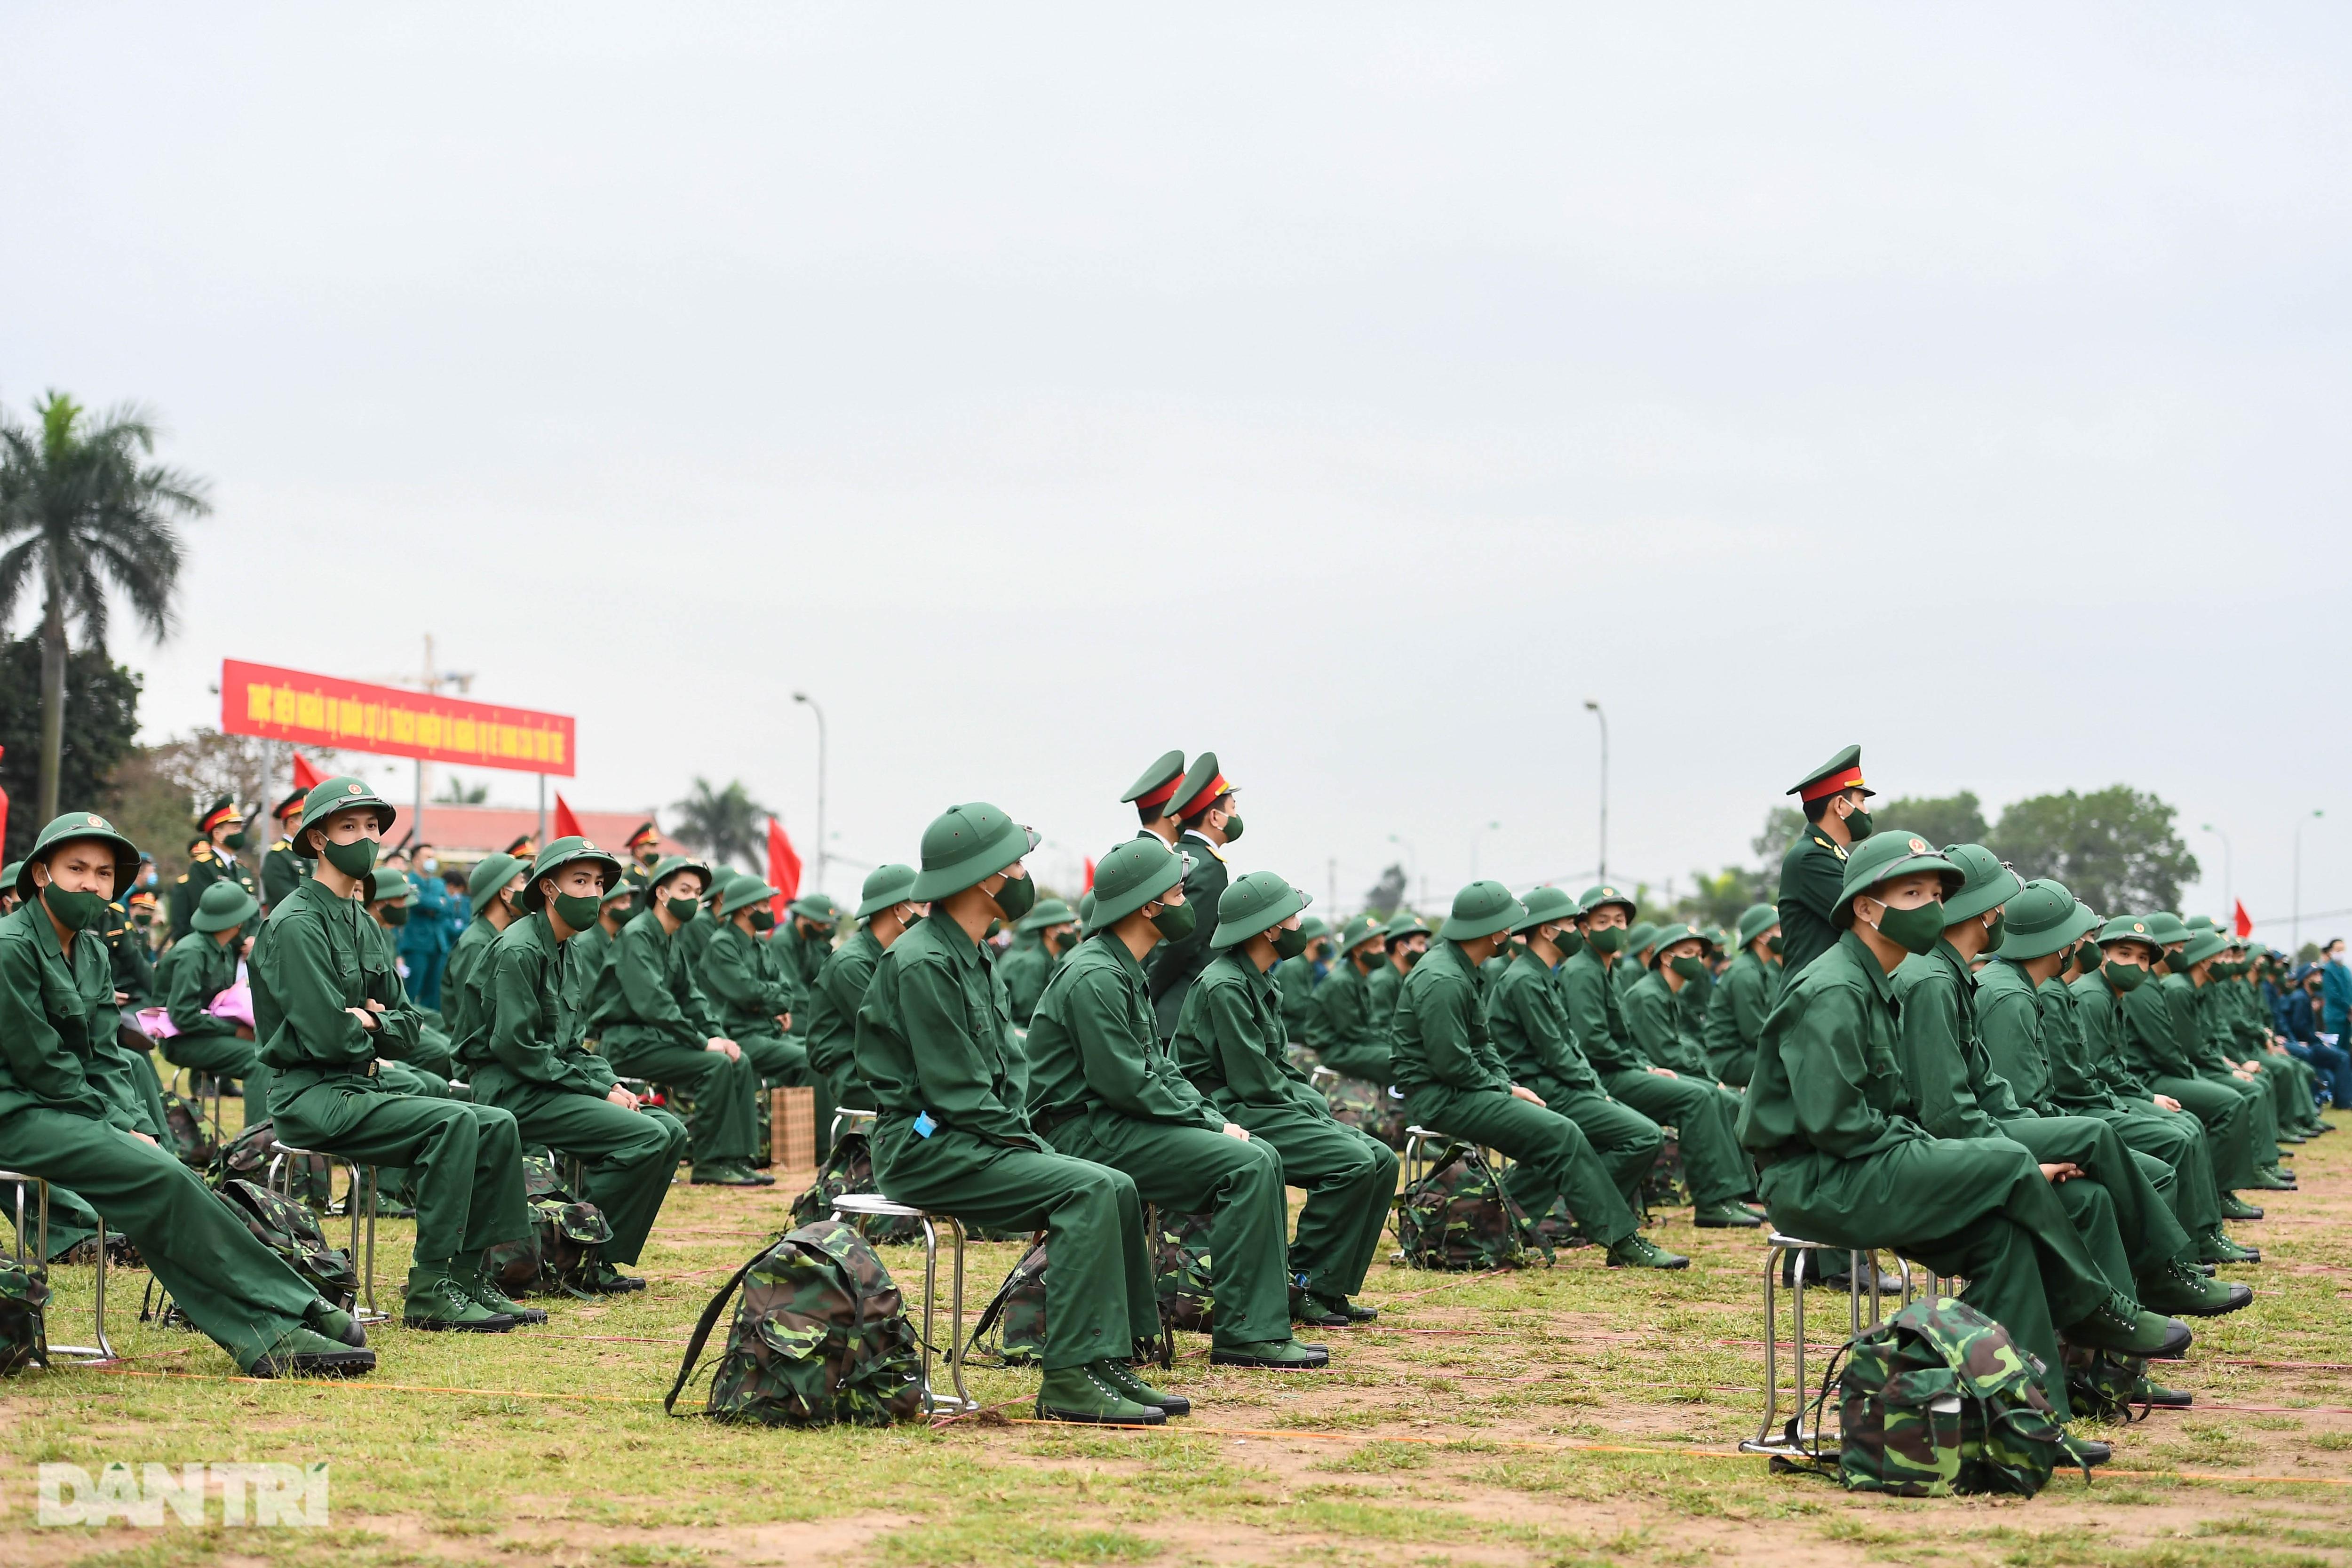 Xúc động khoảnh khắc tân binh thủ đô lên đường nhập ngũ - 6